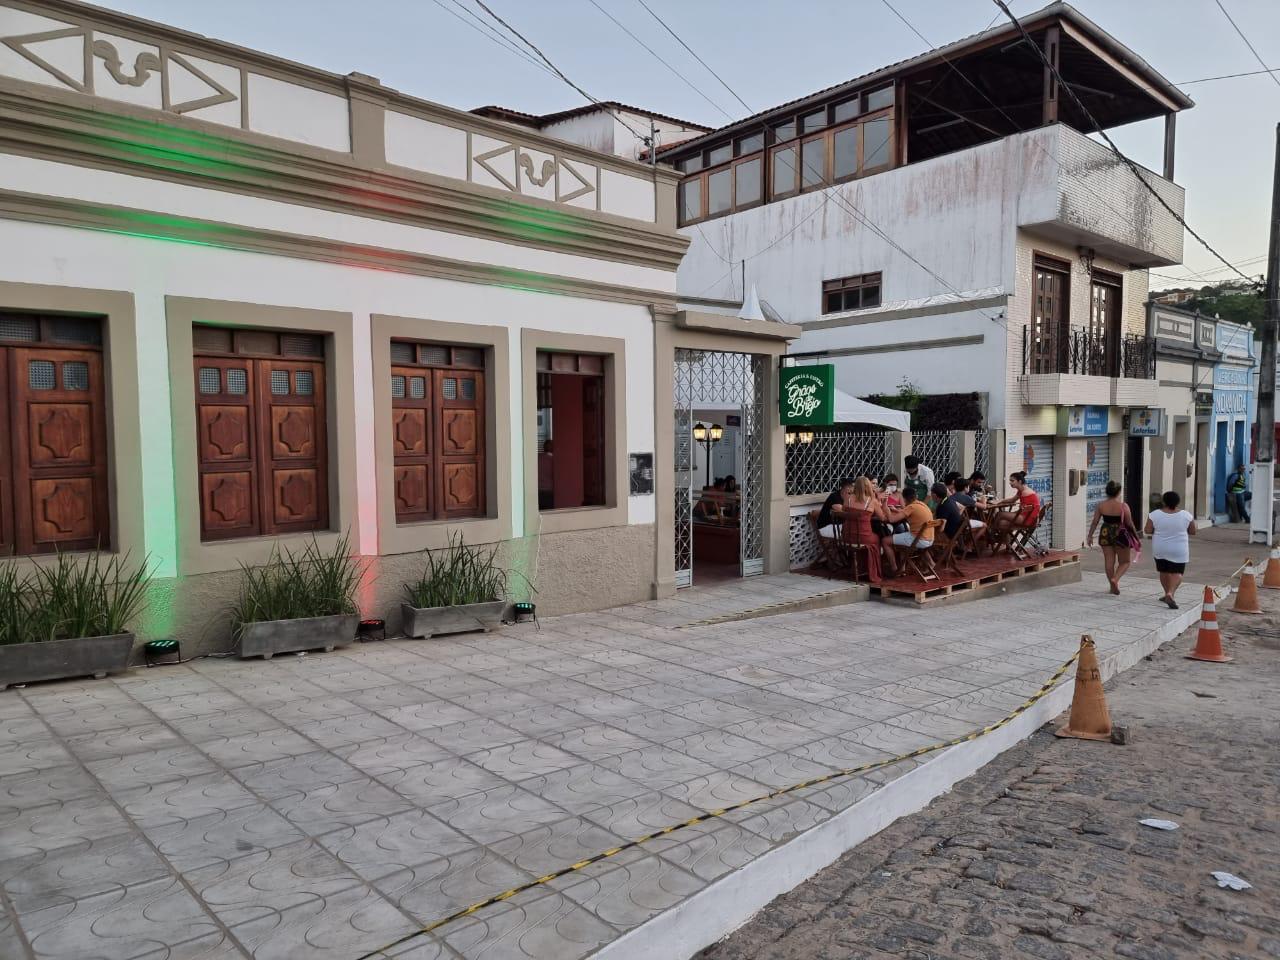 WhatsApp Image 2021 07 02 at 16.57.08 - ALTA GASTRONOMIA EM BANANEIRAS: de encher os olhos e dar água na boca, conheça quem está por trás dos melhores restaurantes do brejo paraibano